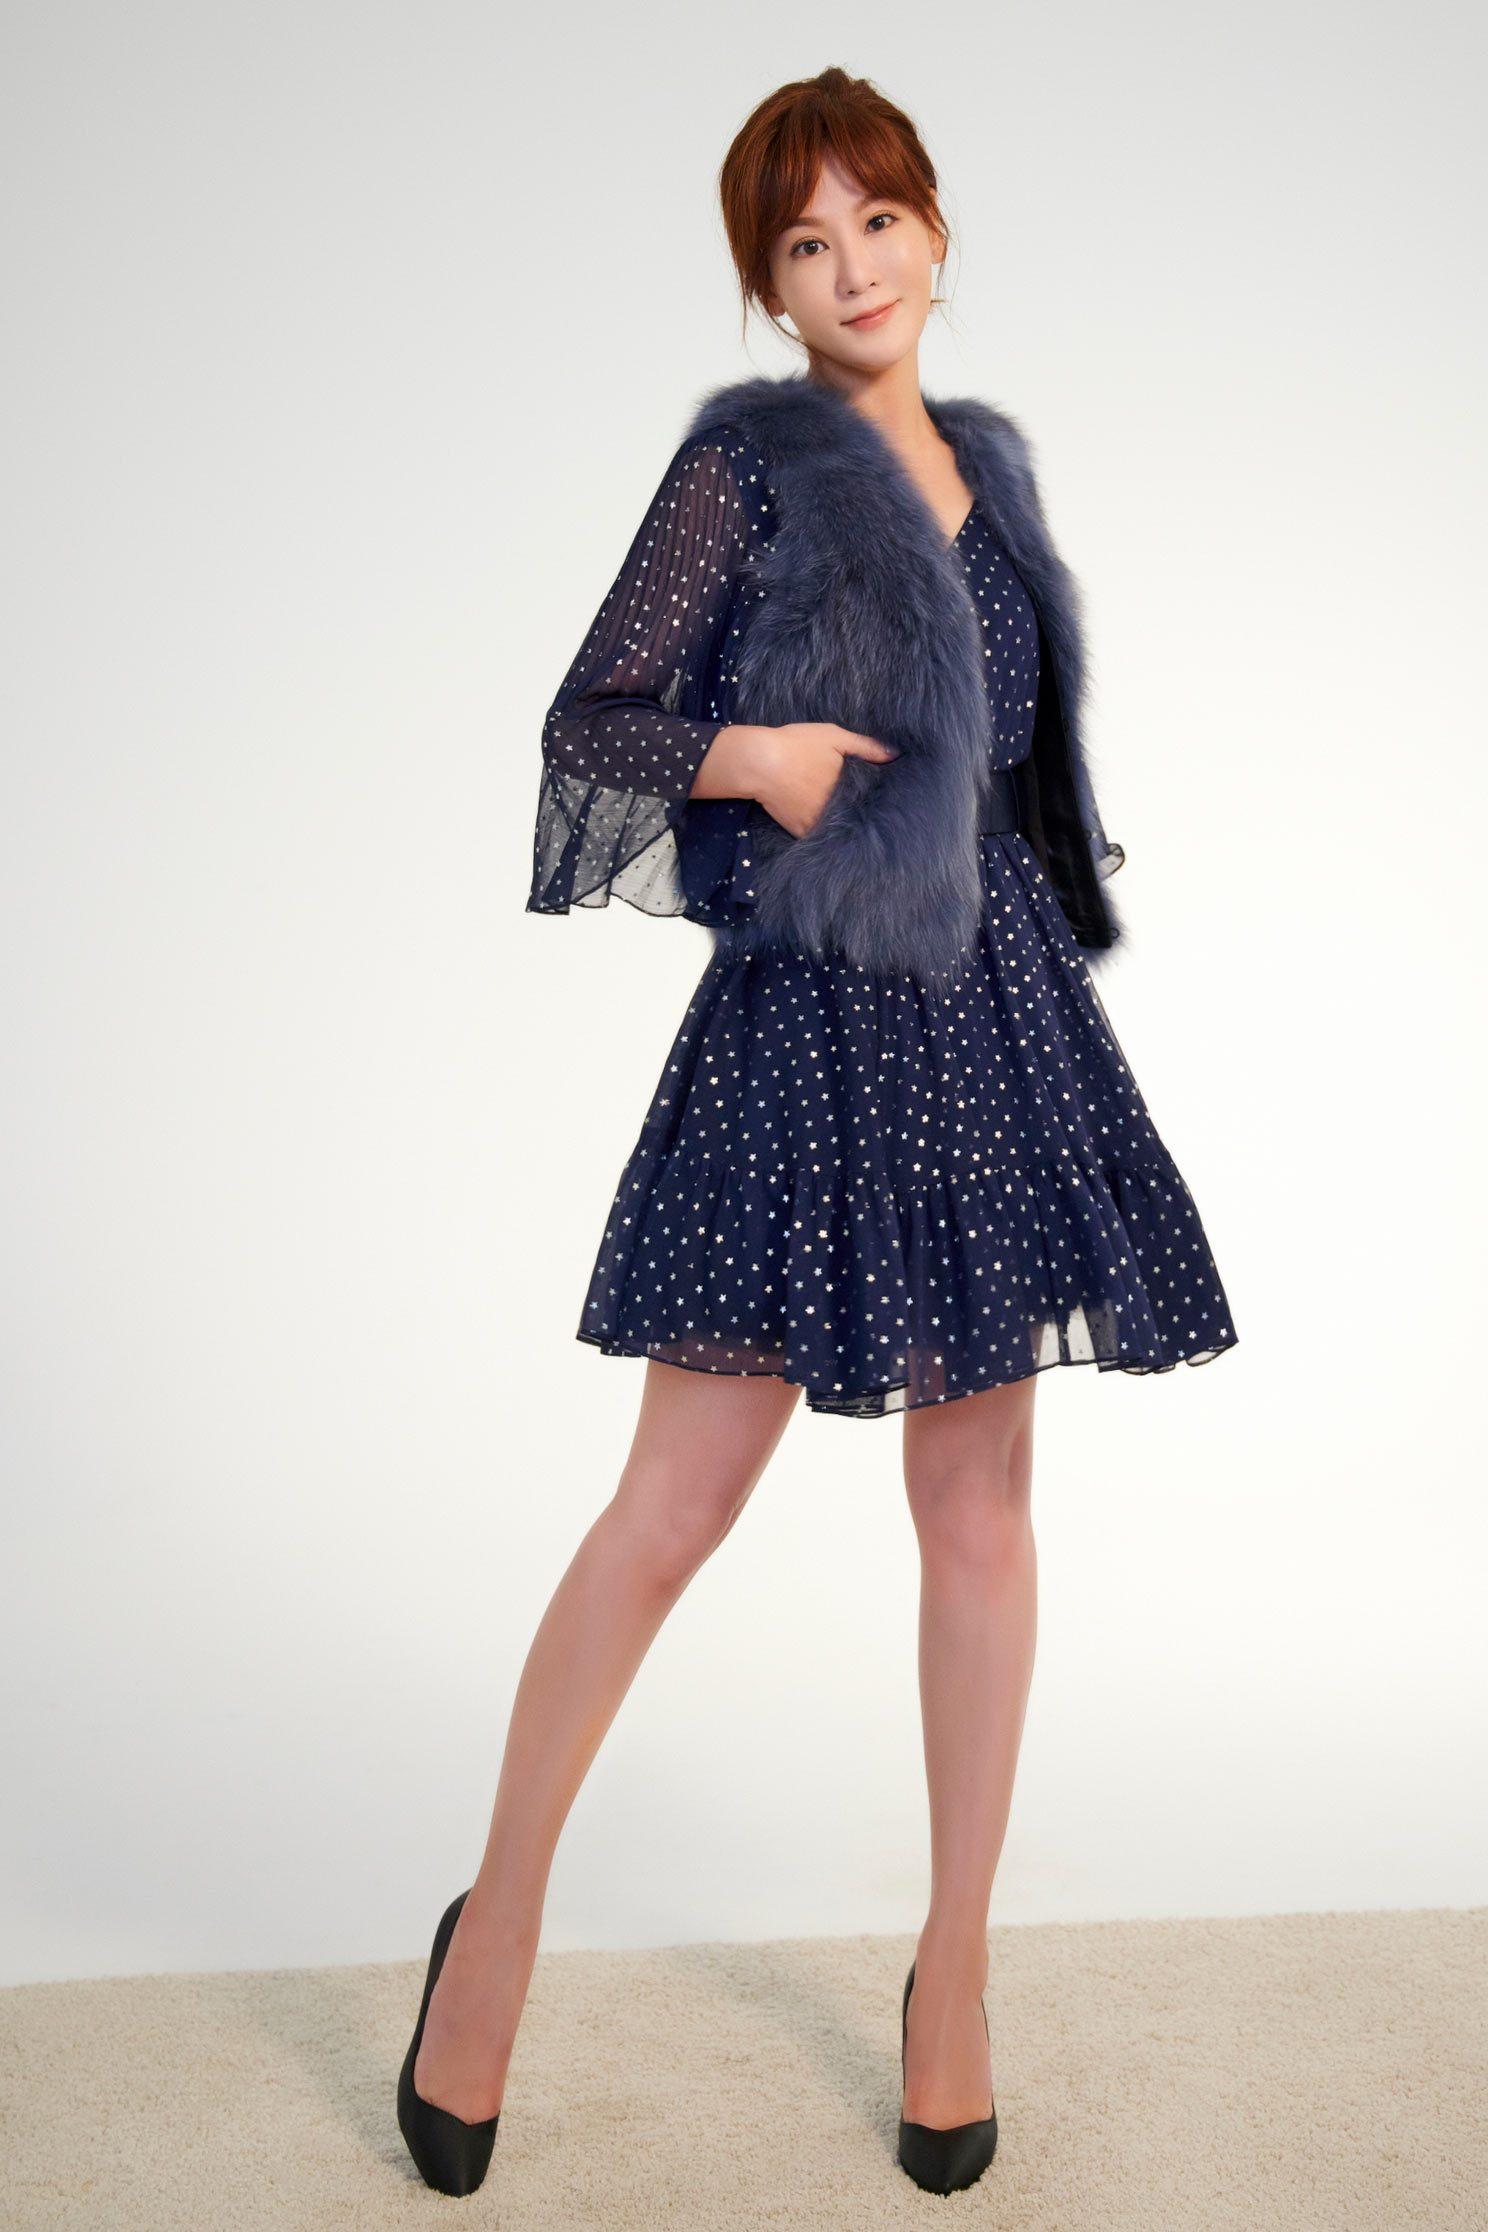 .,v-neckdress,dress,valentine,longsleevedress